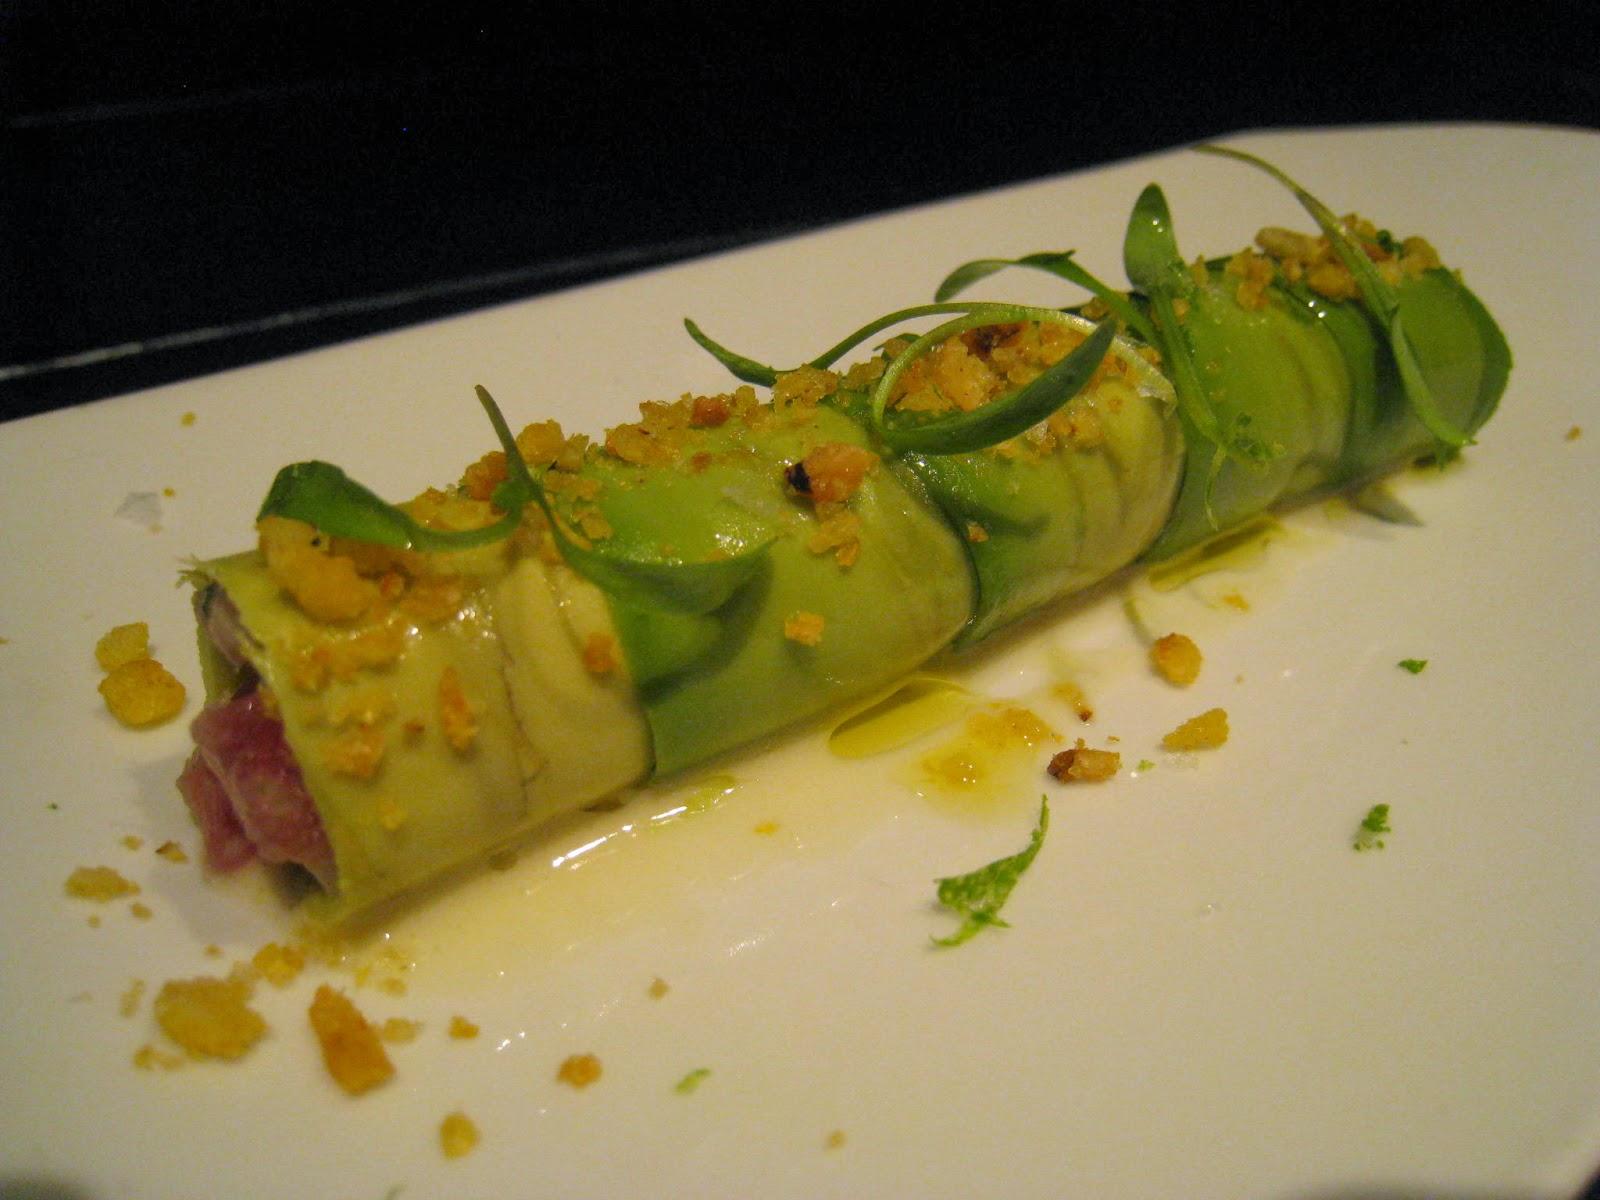 and avocado recipe for spicy tuna and avocado ceviche the perfect ...